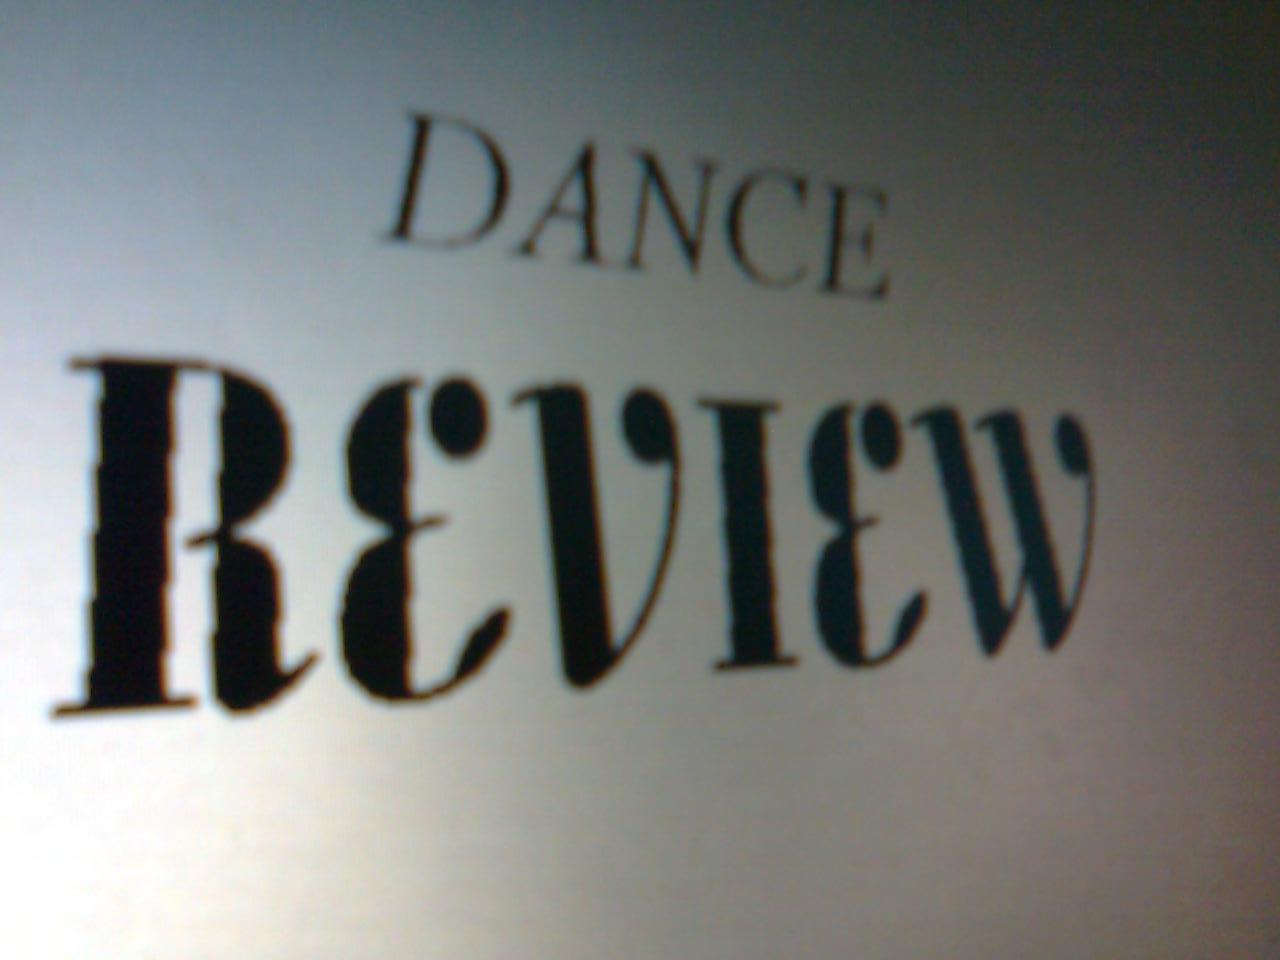 http://2.bp.blogspot.com/-jjHu_RouTXM/TdsnkXFfx_I/AAAAAAAACnQ/piR4CEh5kdI/s1600/DanceLogo.jpg